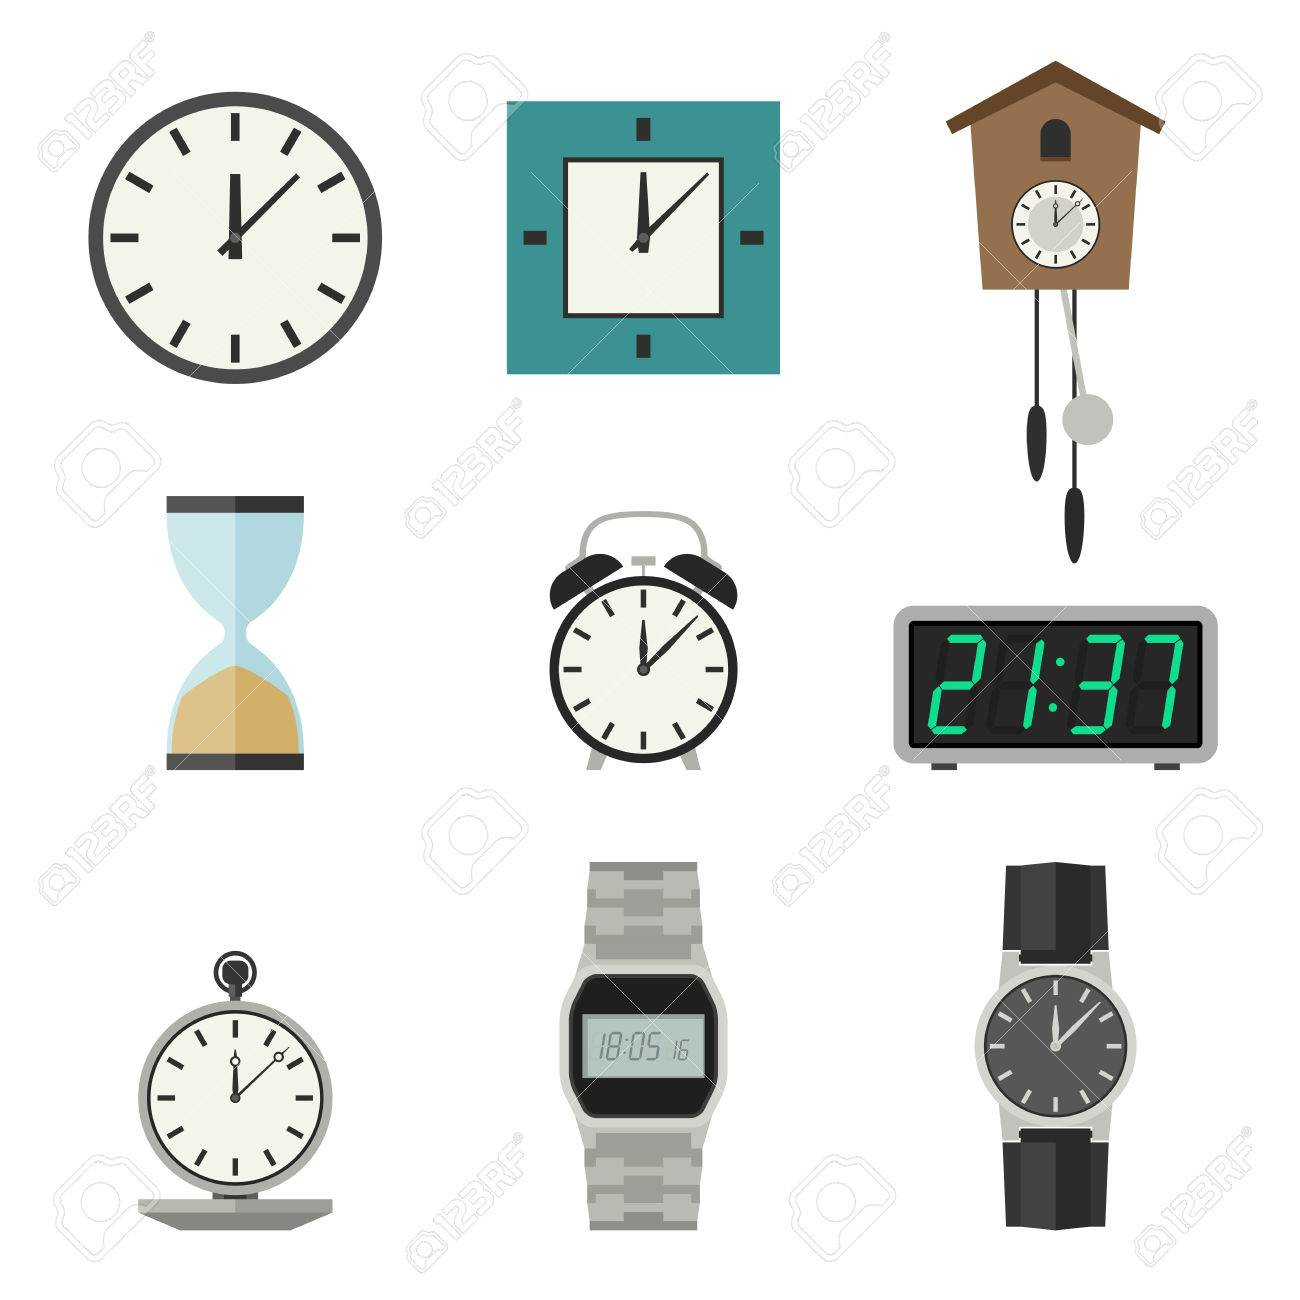 Y De Tipos VectoresLos Diferentes Iconos Aparatos Relojes Conjunto Relojería Reloj BedrxoWC